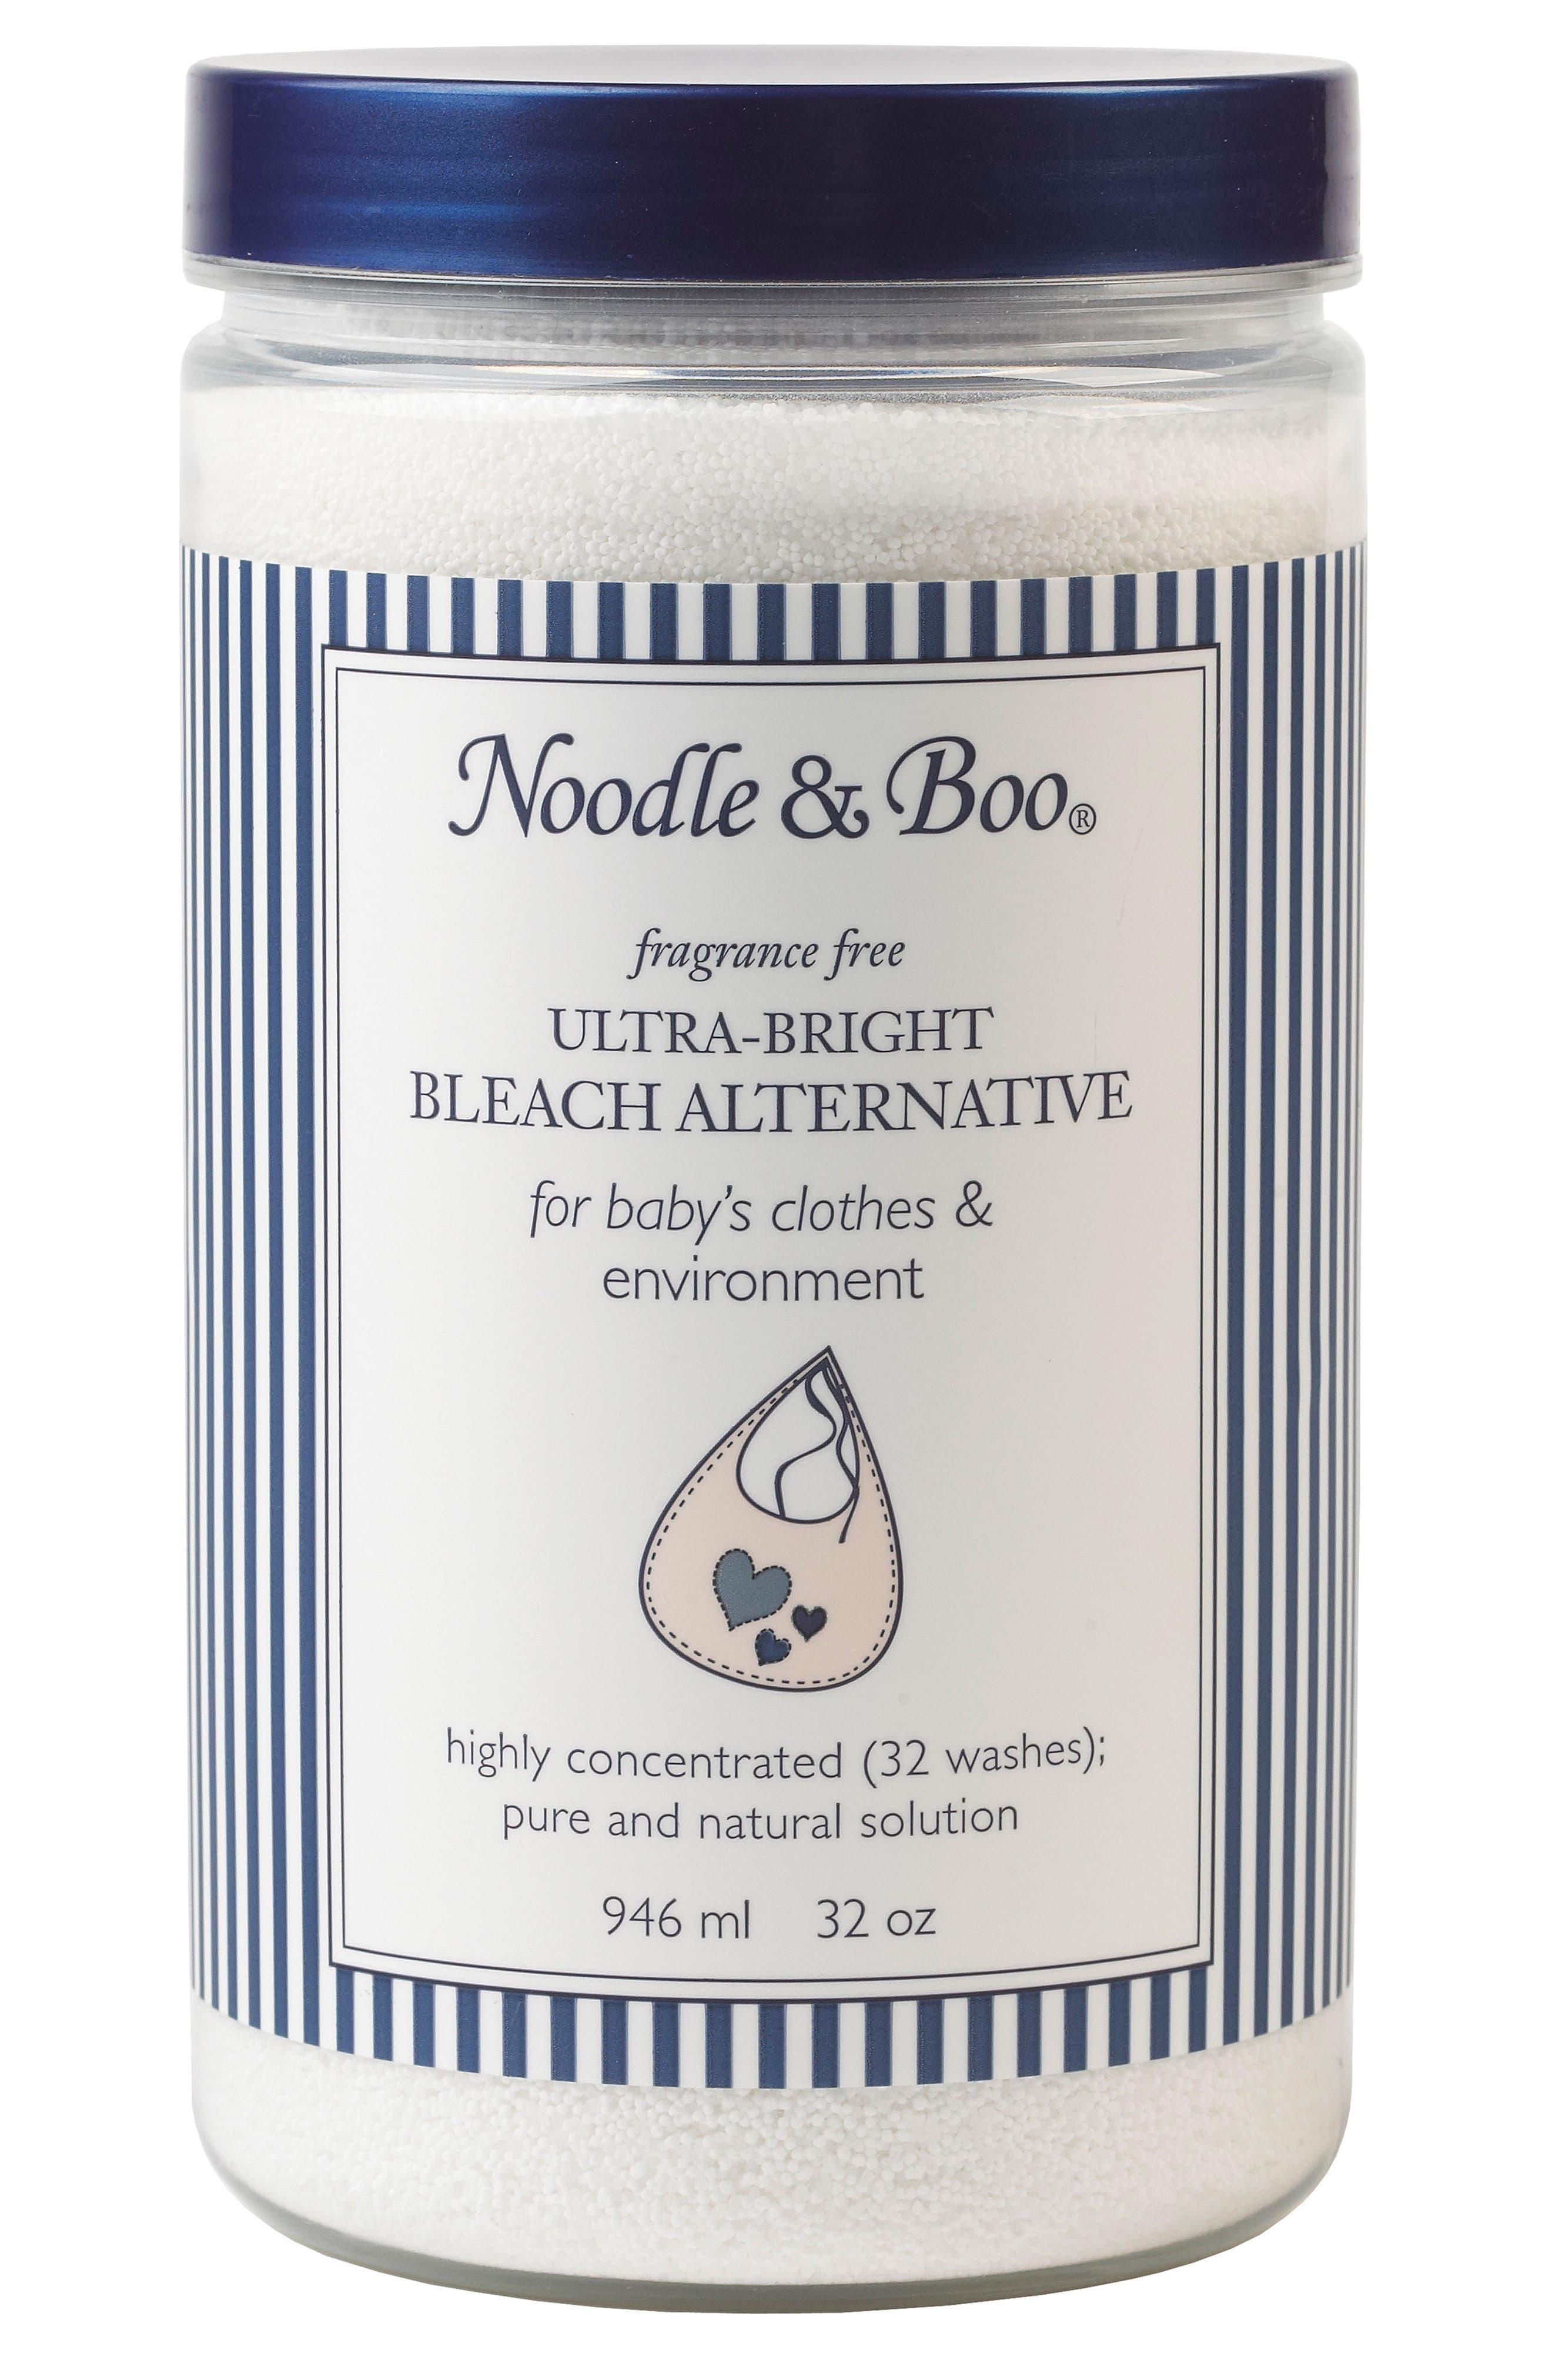 NOODLE & BOO Ultra Bright Bleach Alternative, Main, color, WHITE